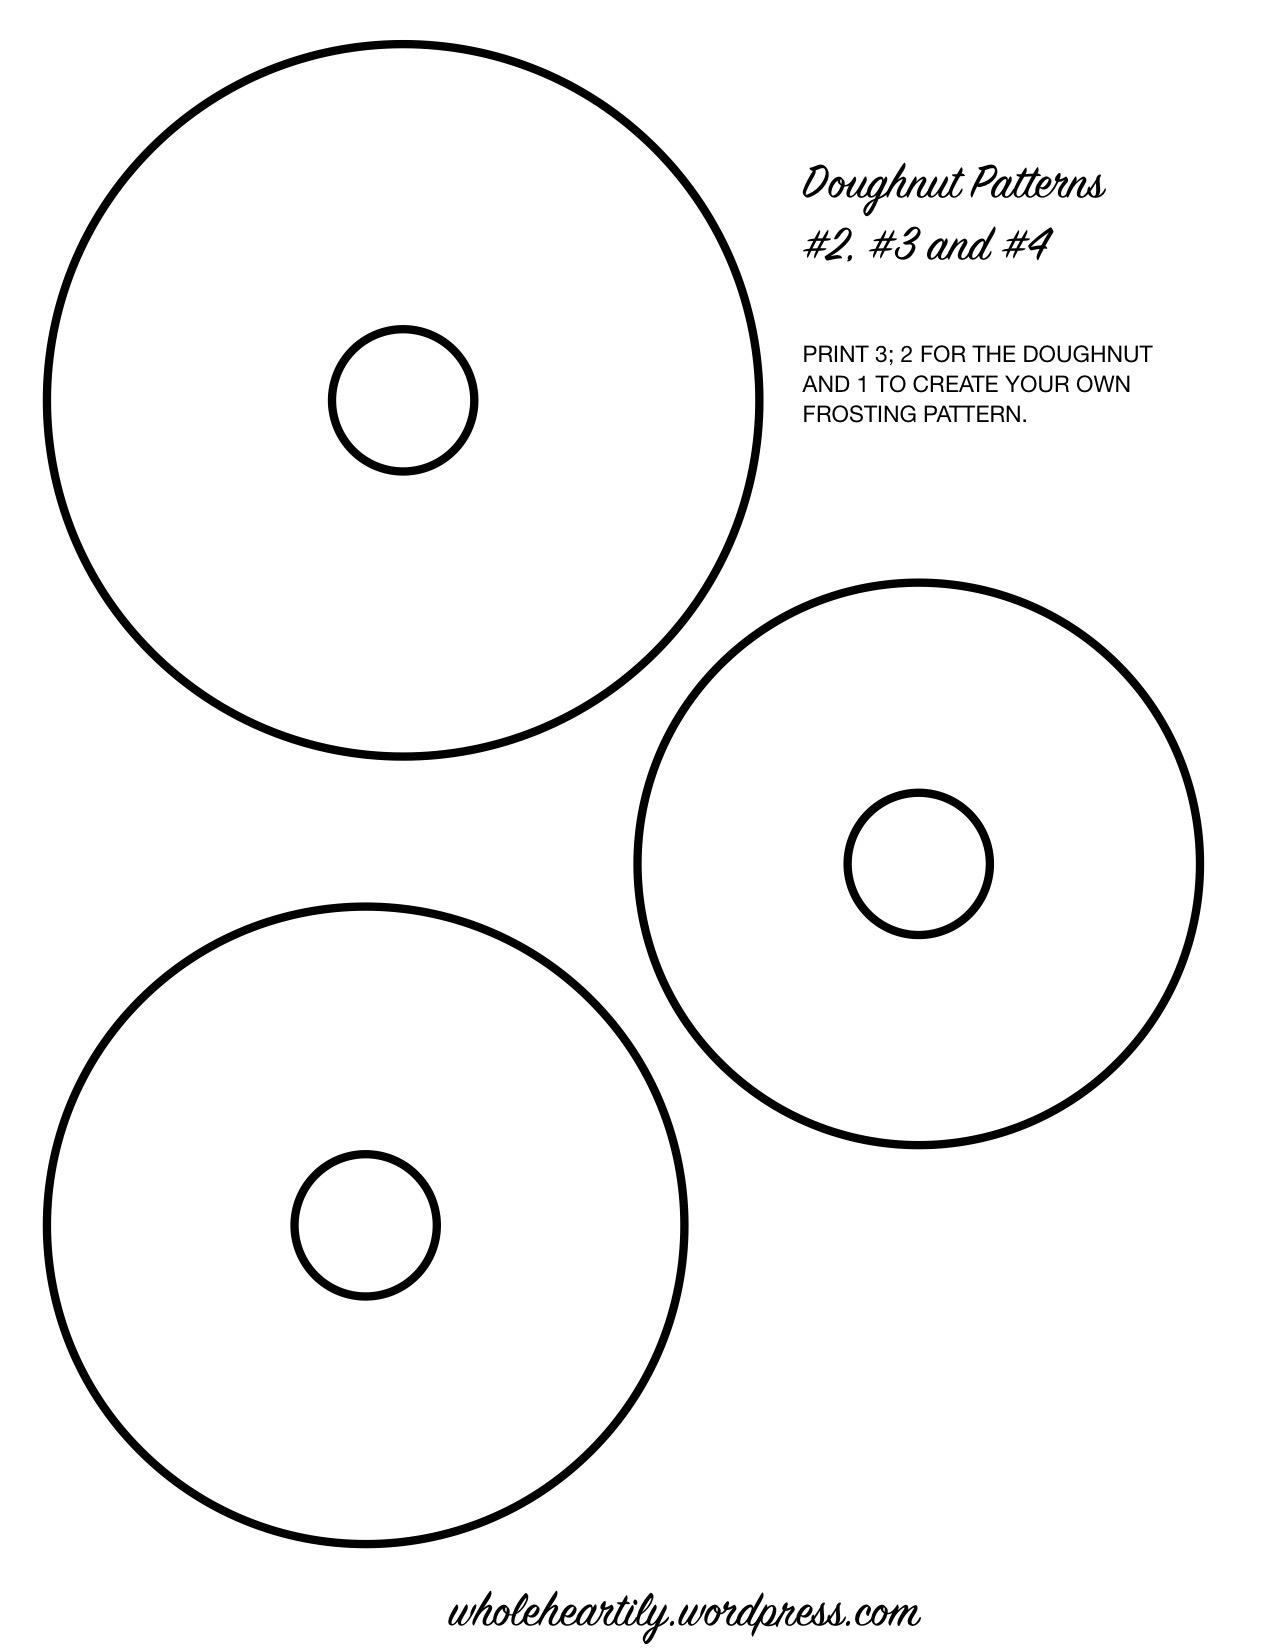 Doughnut Patterns